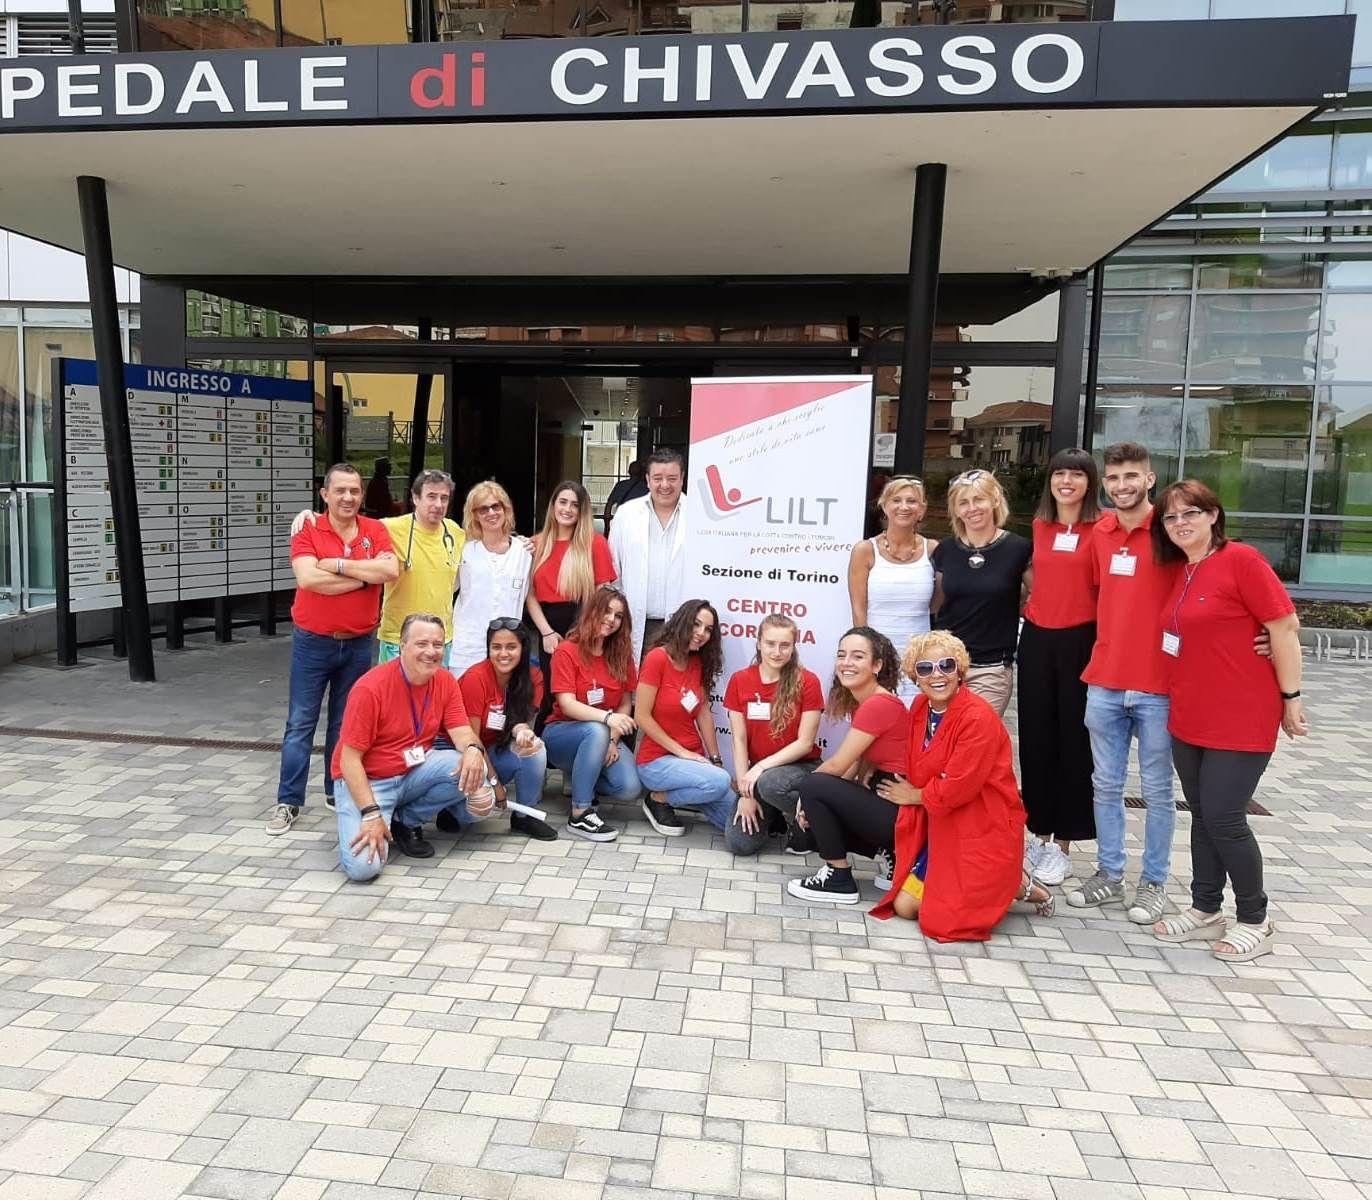 CHIVASSO - Alternanza scuola-lavoro in ospedale: progetto ok